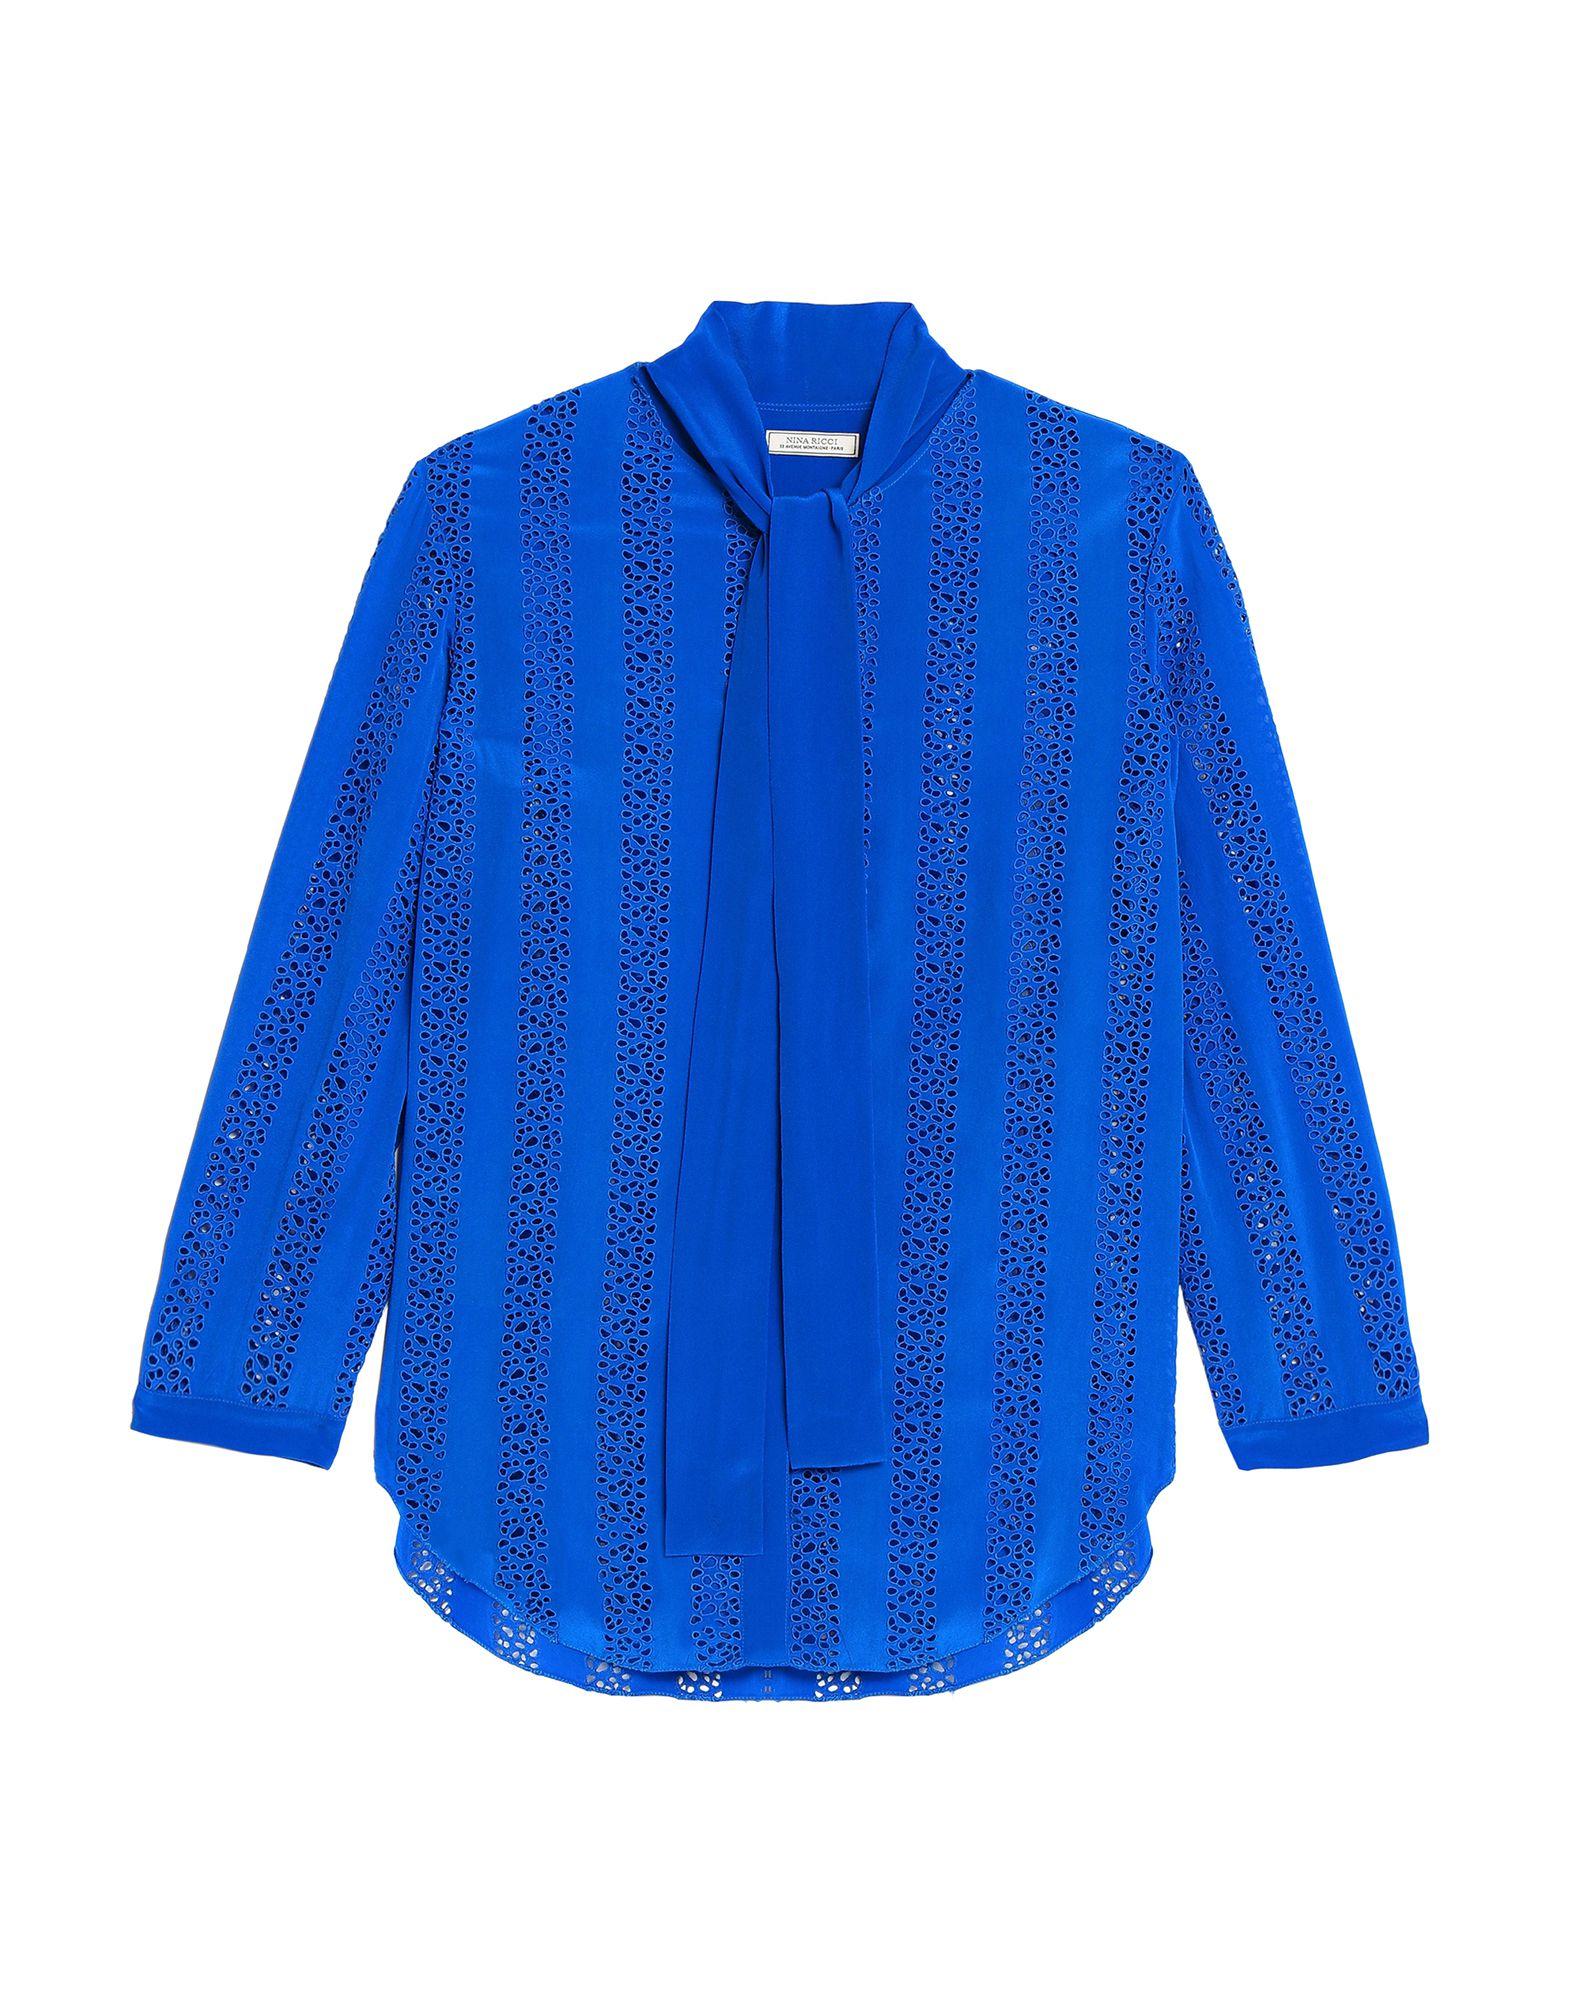 3c05cac8e9bb Camisas Y Blusas Con Lazo Nina Ricci Mujer - Camisas Y Blusas Con ...